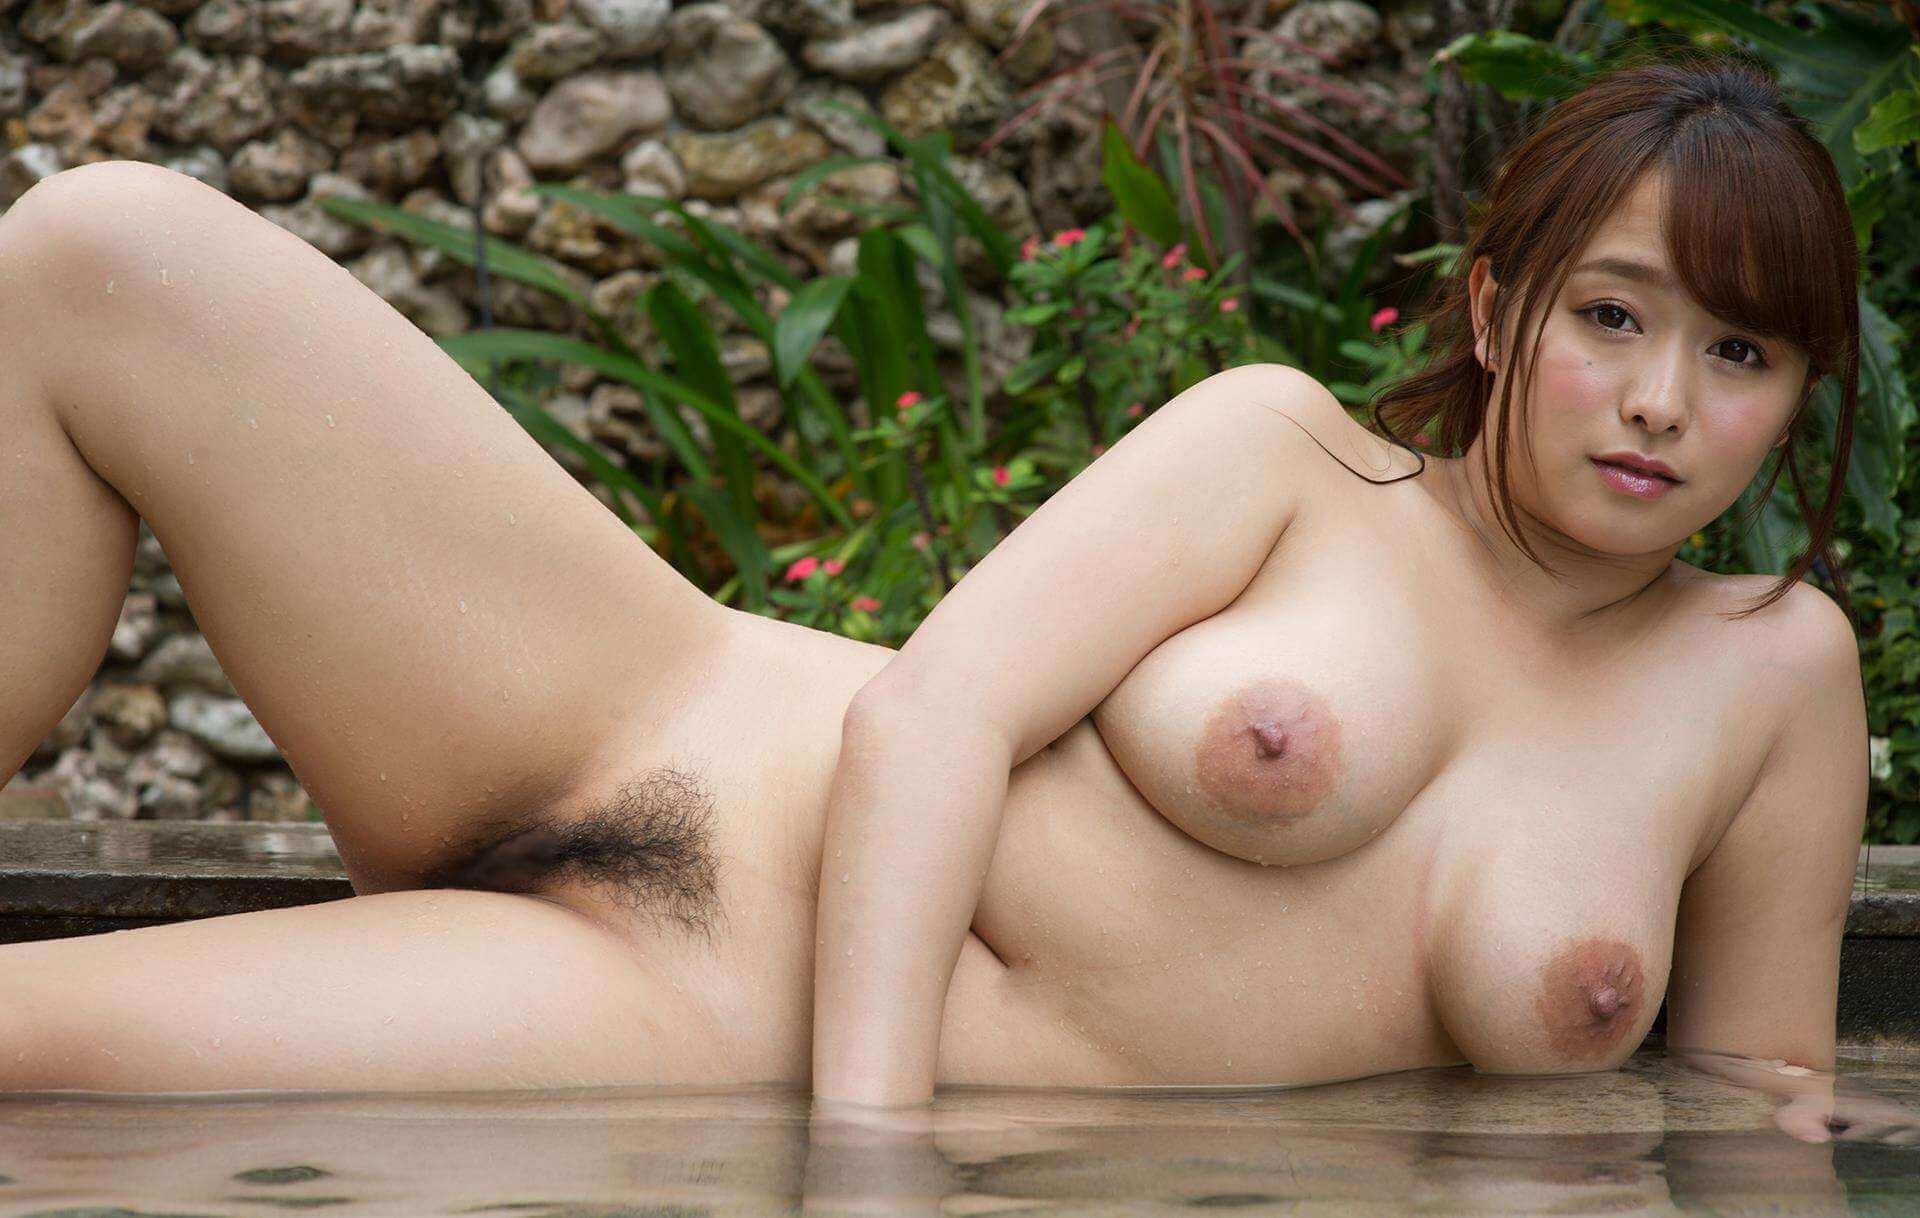 立川理恵さんみたいなちょっとだらしないくらいのリアルエロボディ大好き